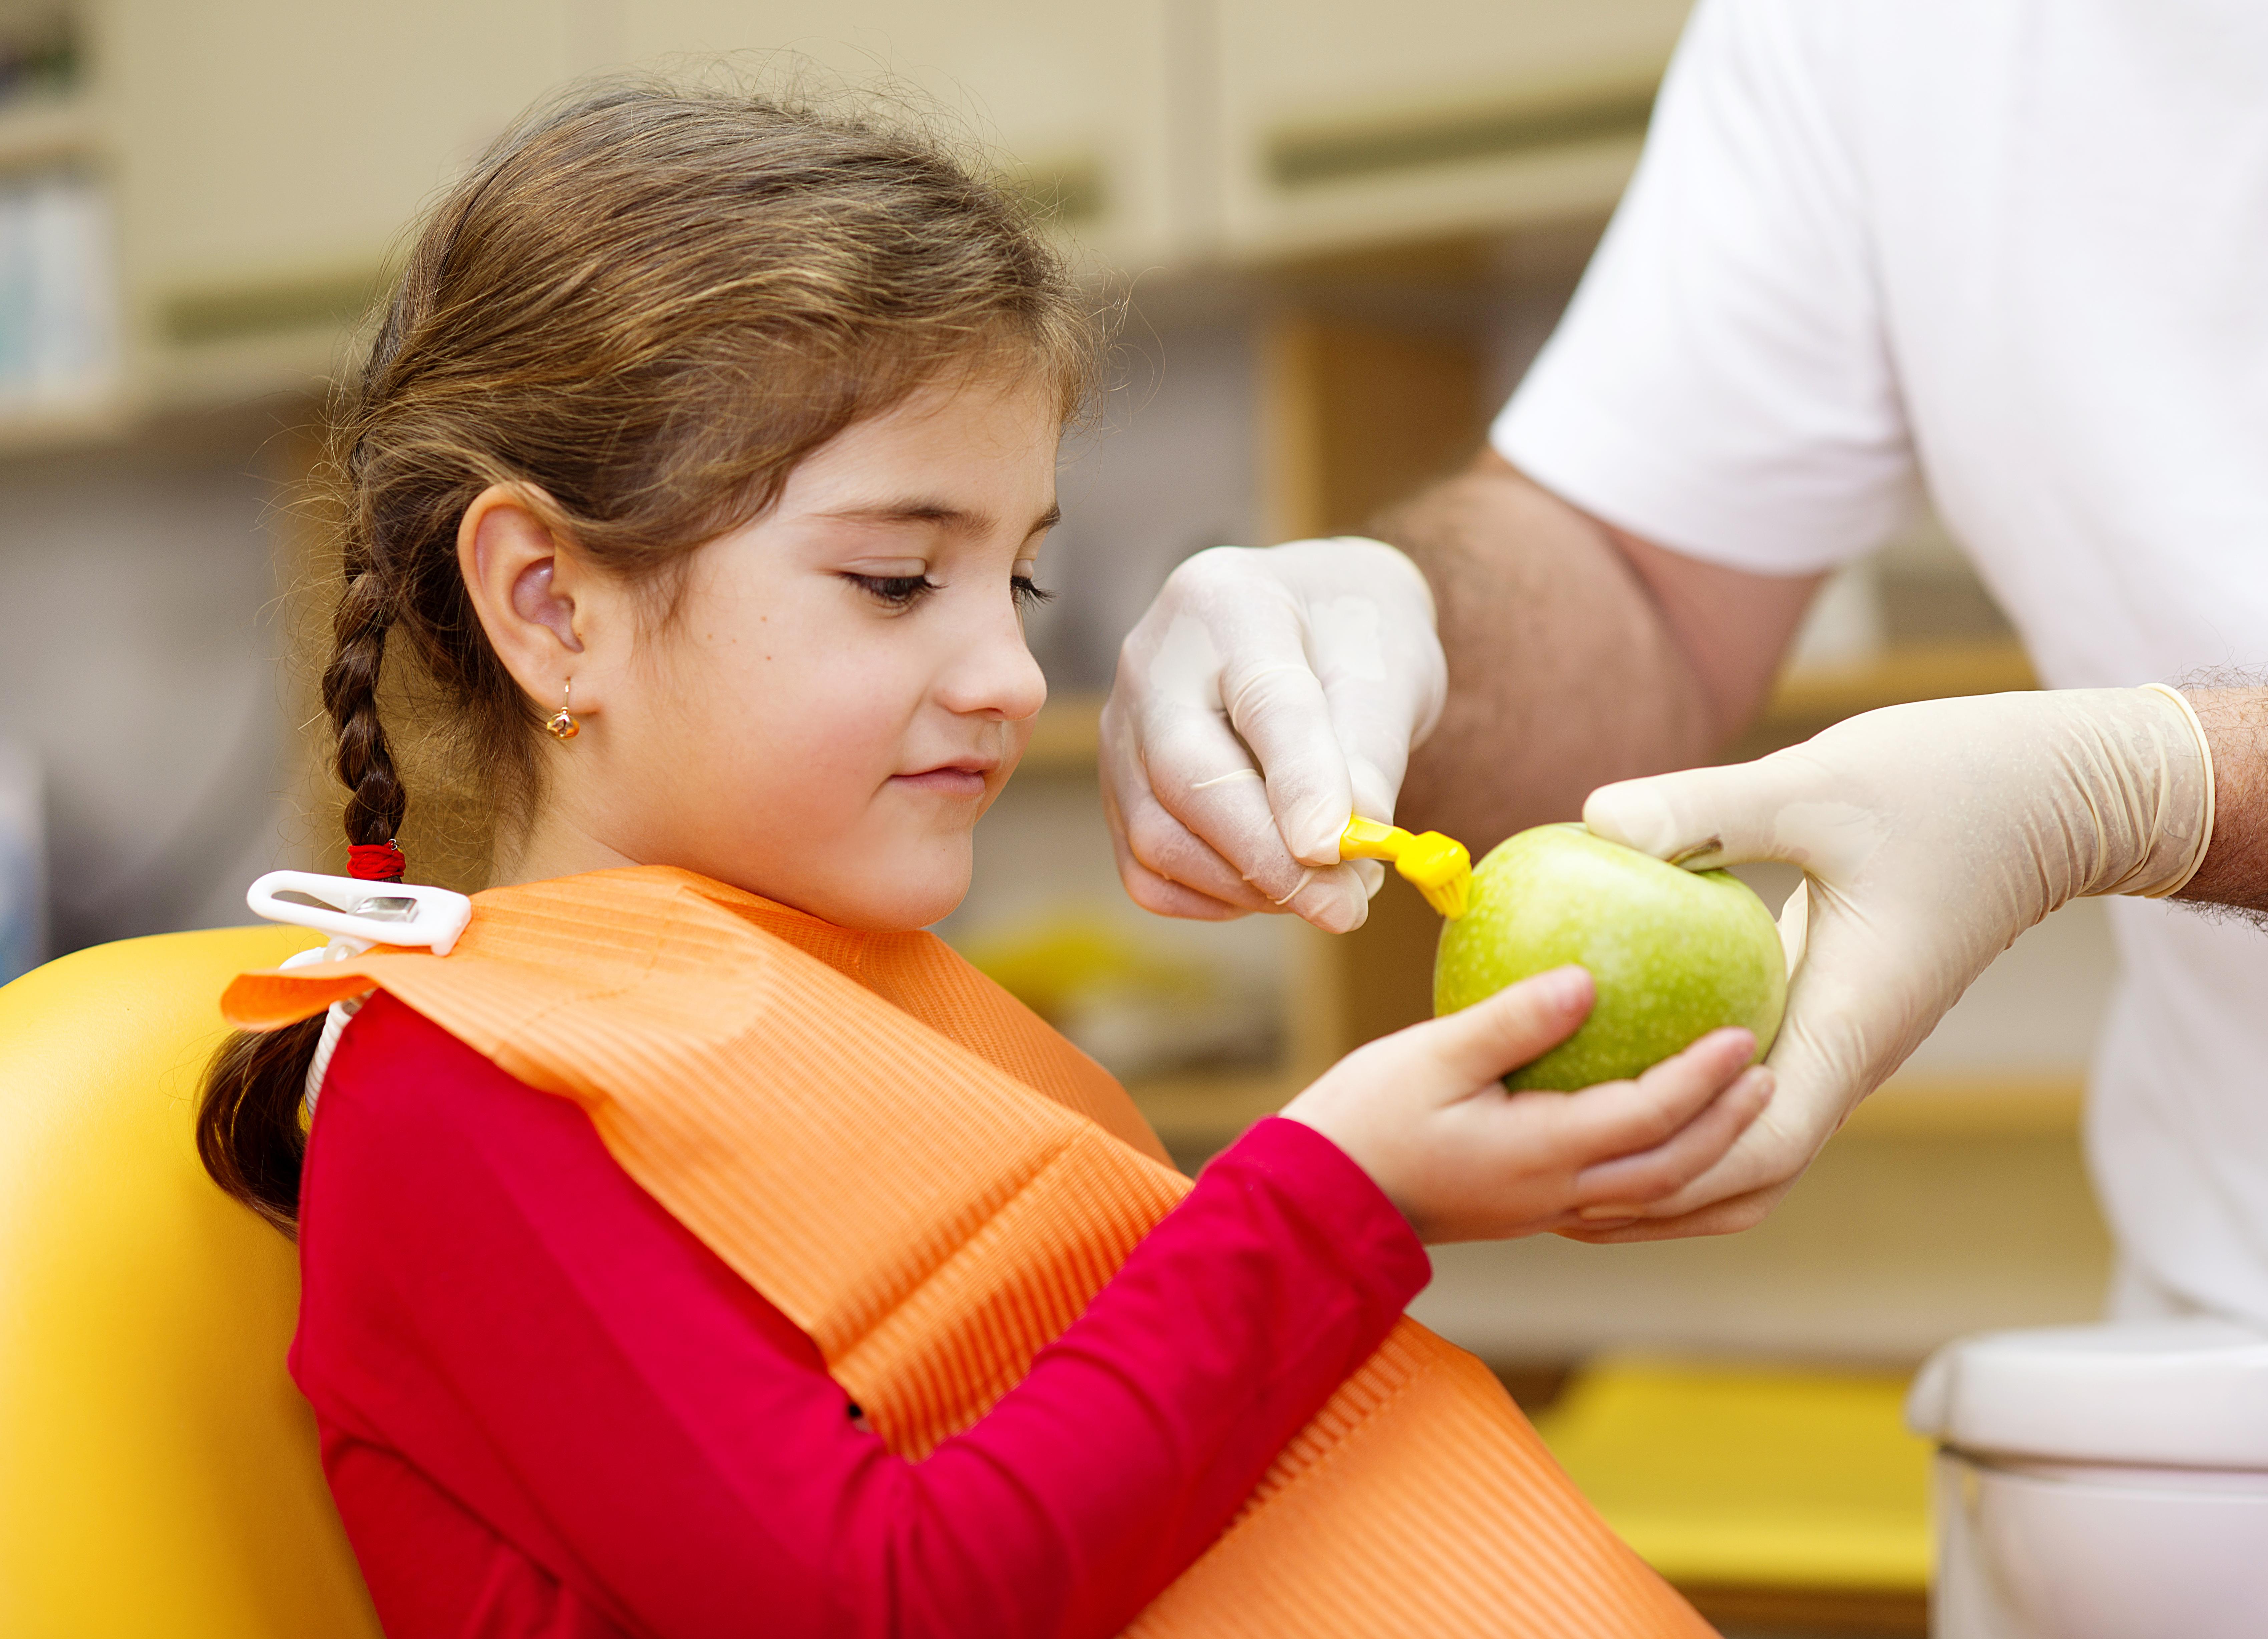 Intresset för tänder och munhygien ökade i skolorna som deltog i försöket.